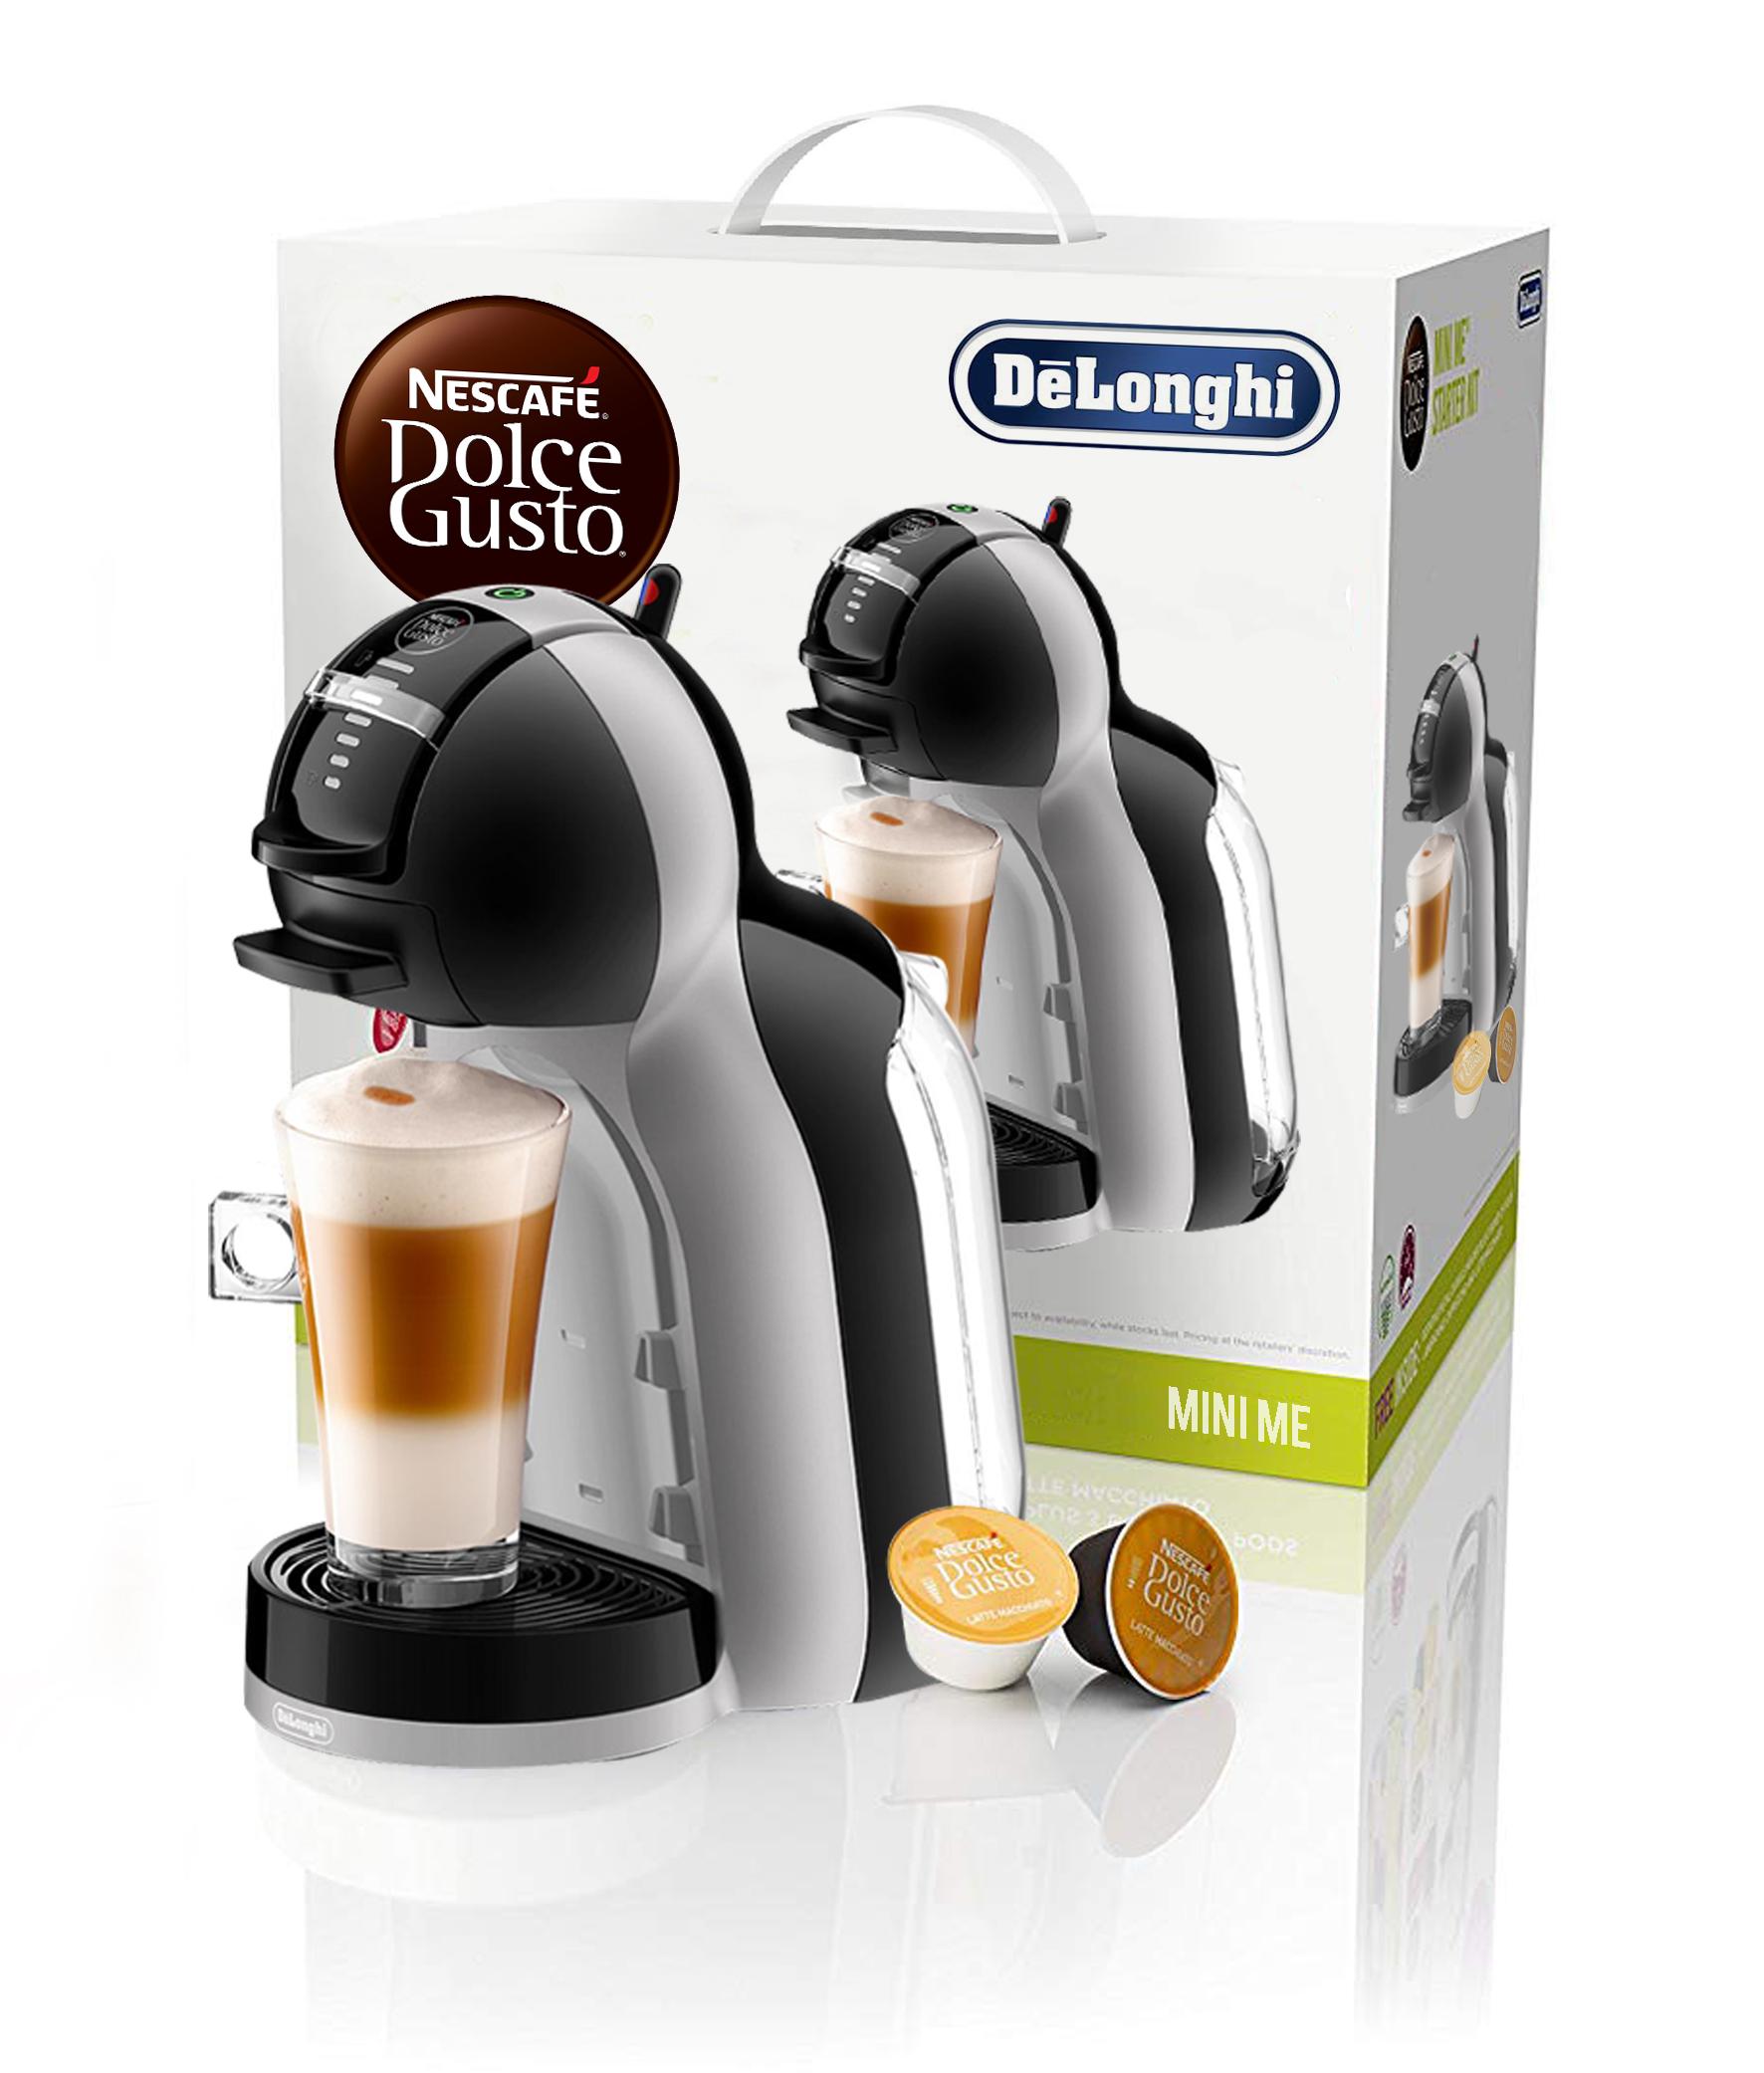 Nescafé Dolce Gusto Mini Me Pod Coffee Machine By Delonghi Edg155